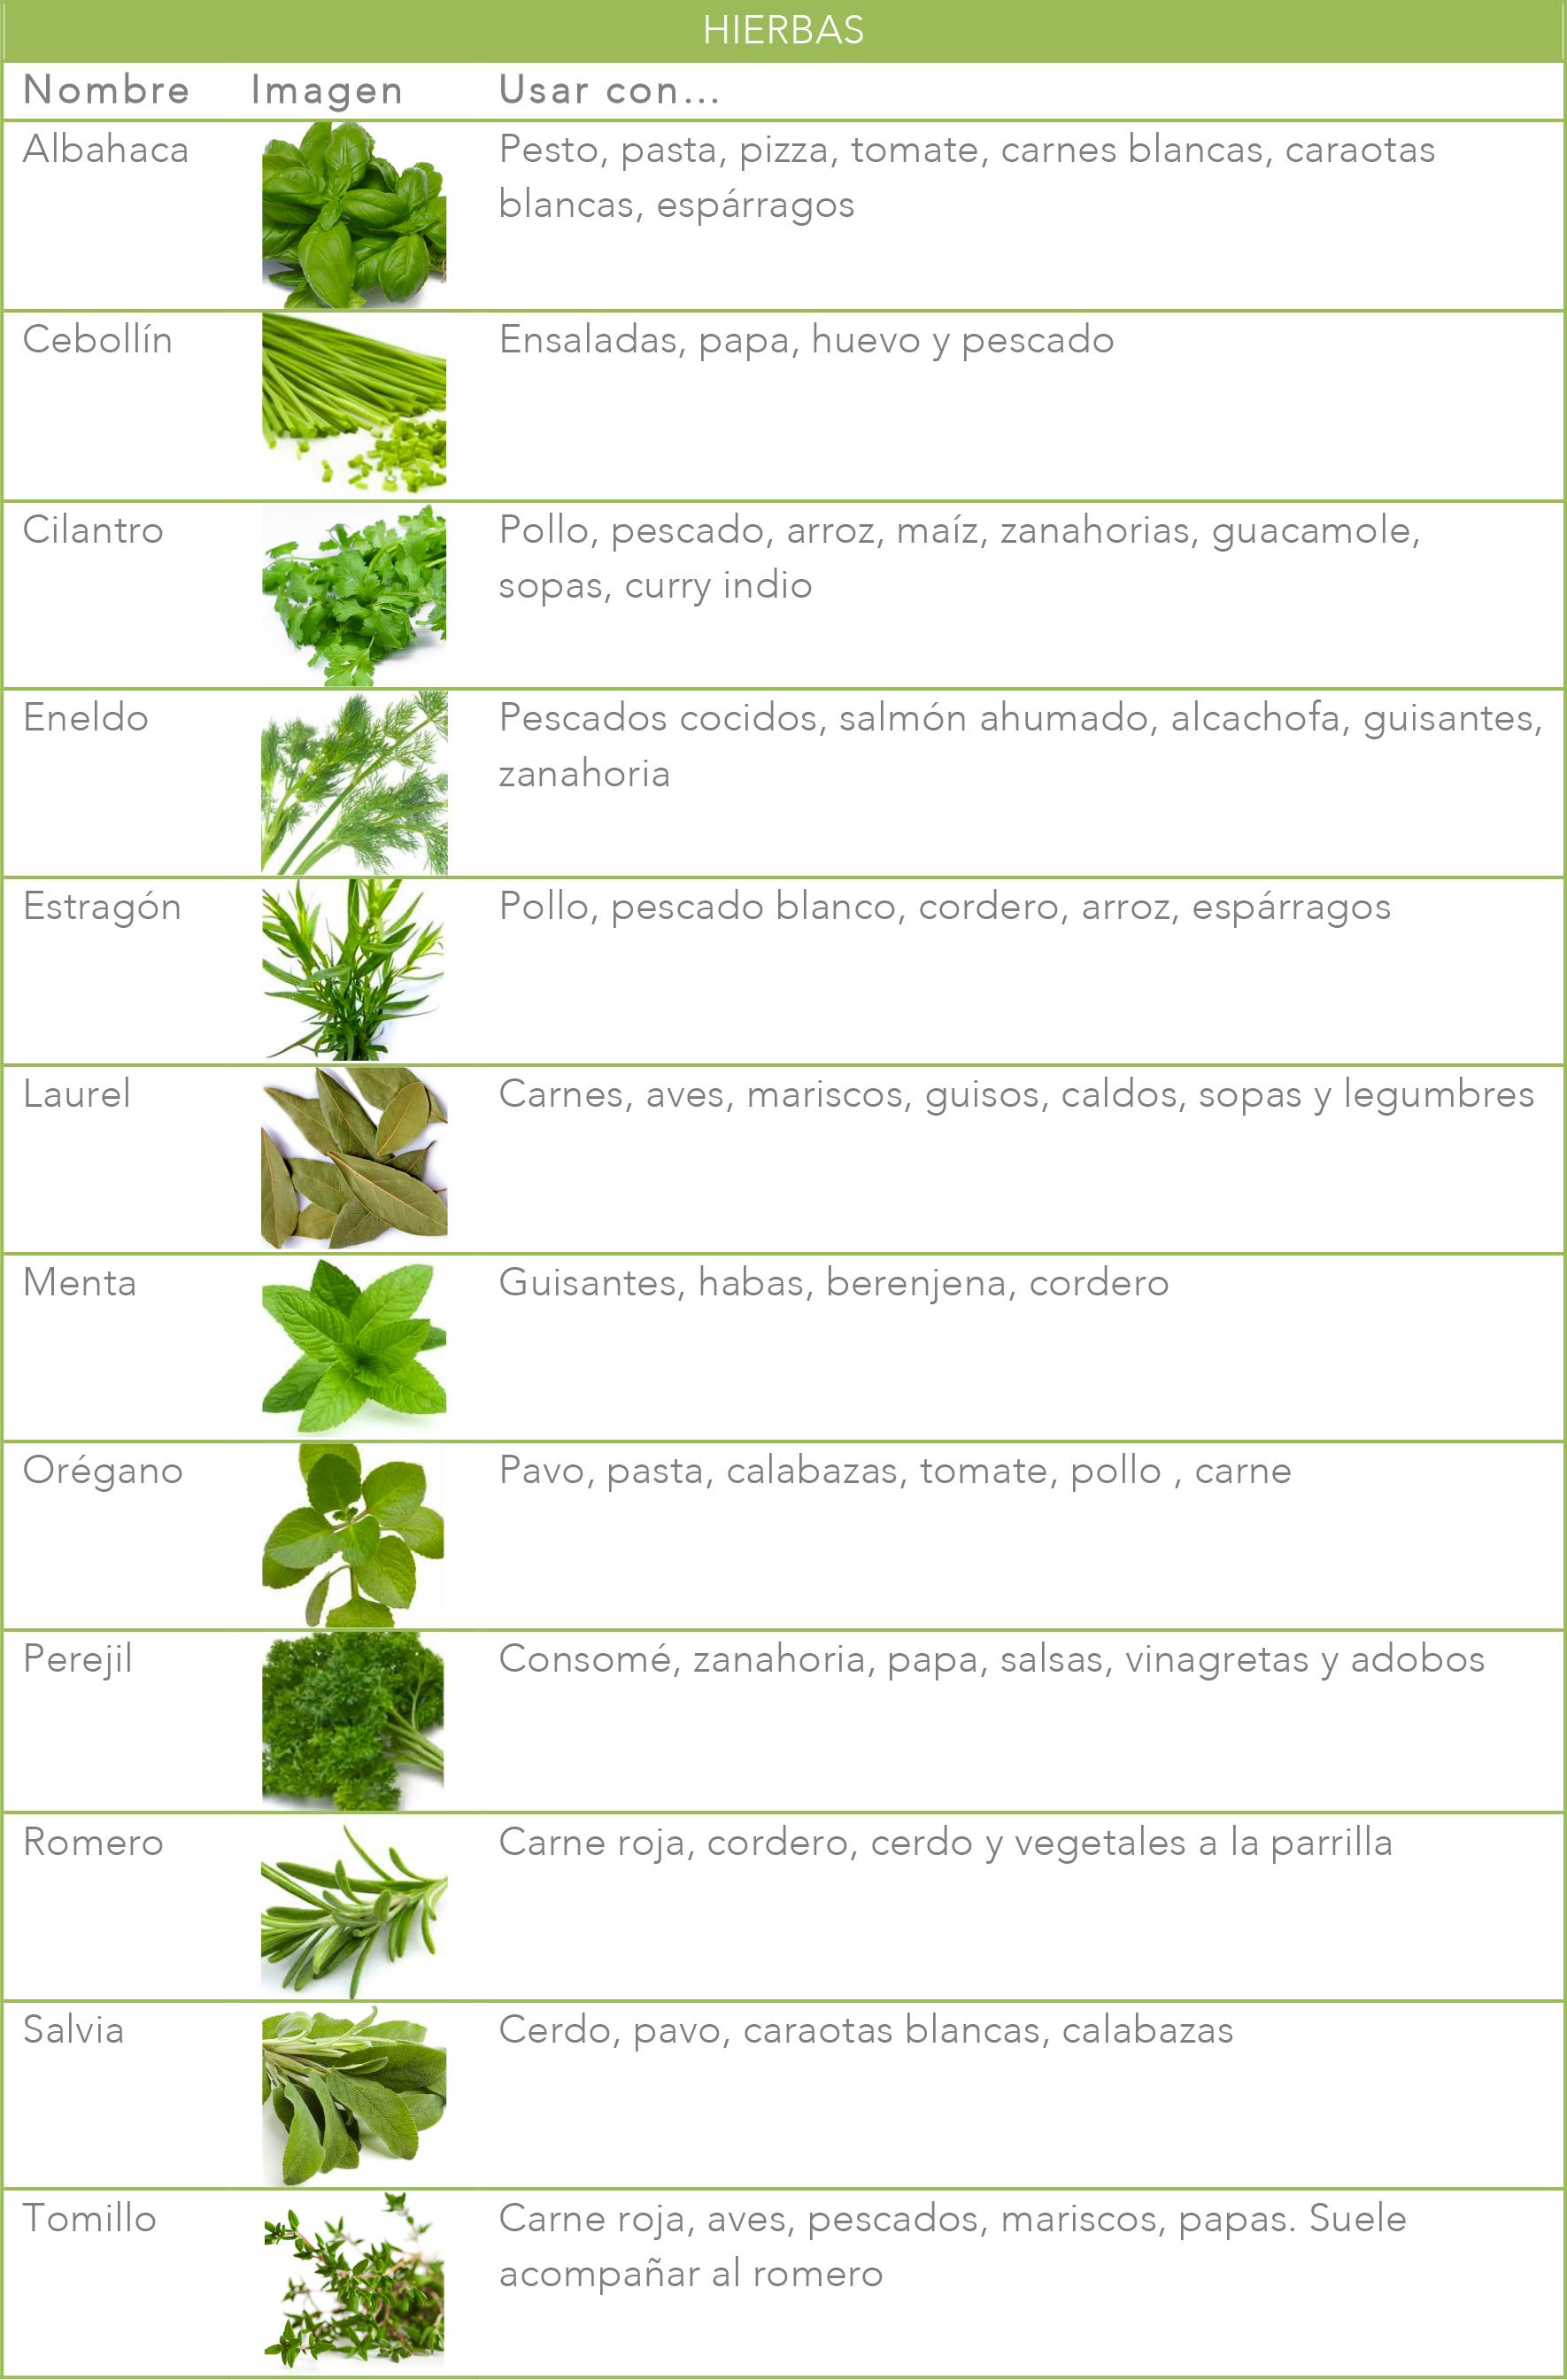 Gu a b sica de hierbas y especias for Plantas aromaticas para cocinar